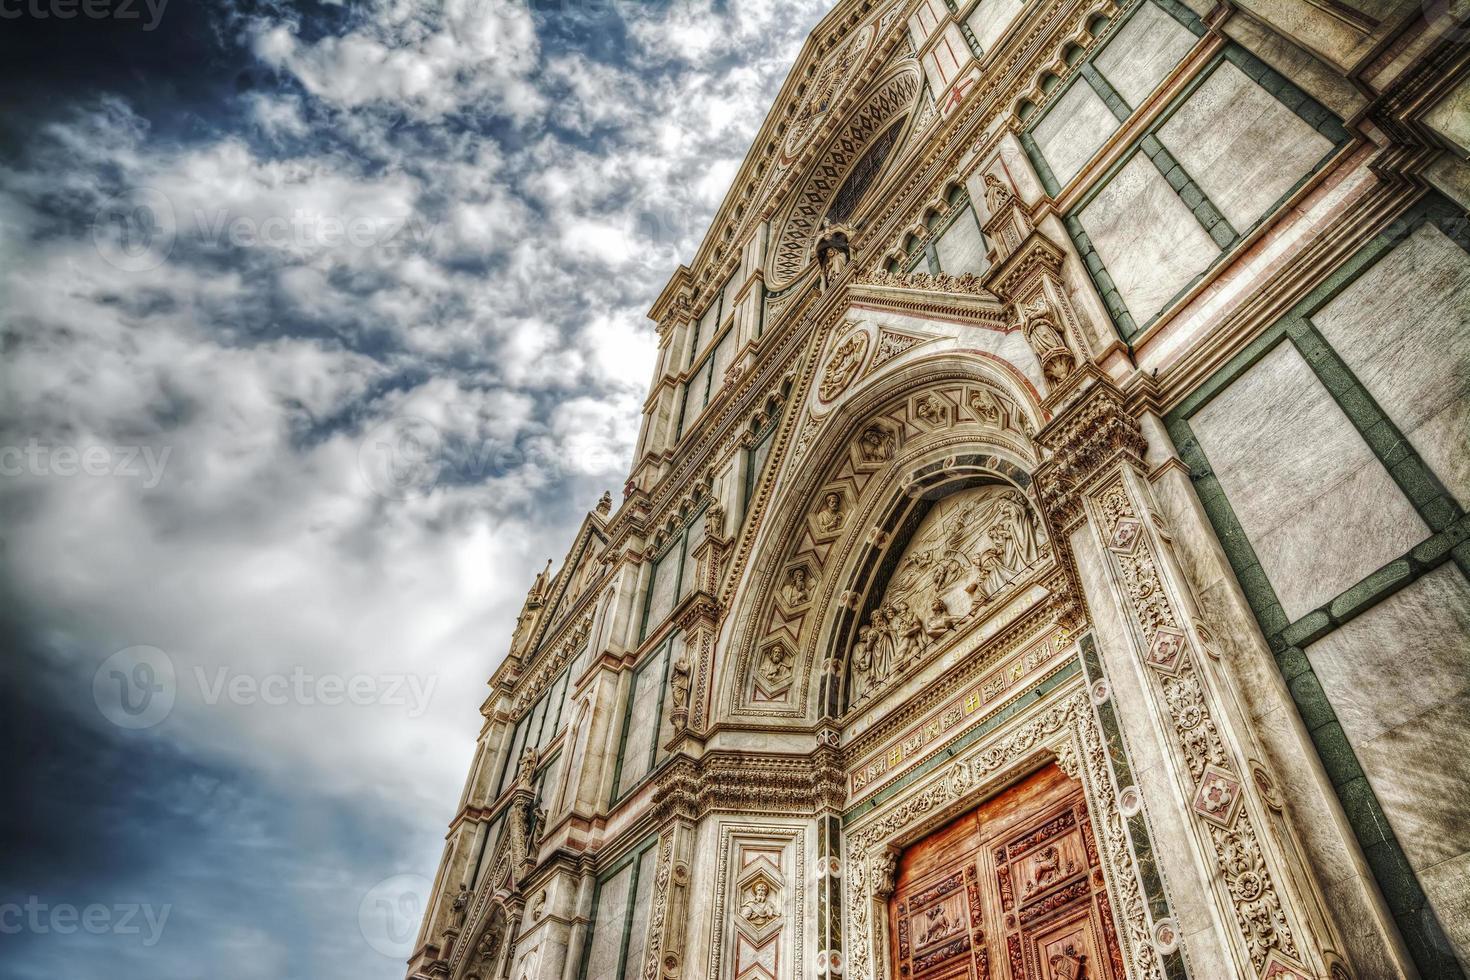 cattedrale di santa croce sotto un cielo drammatico foto